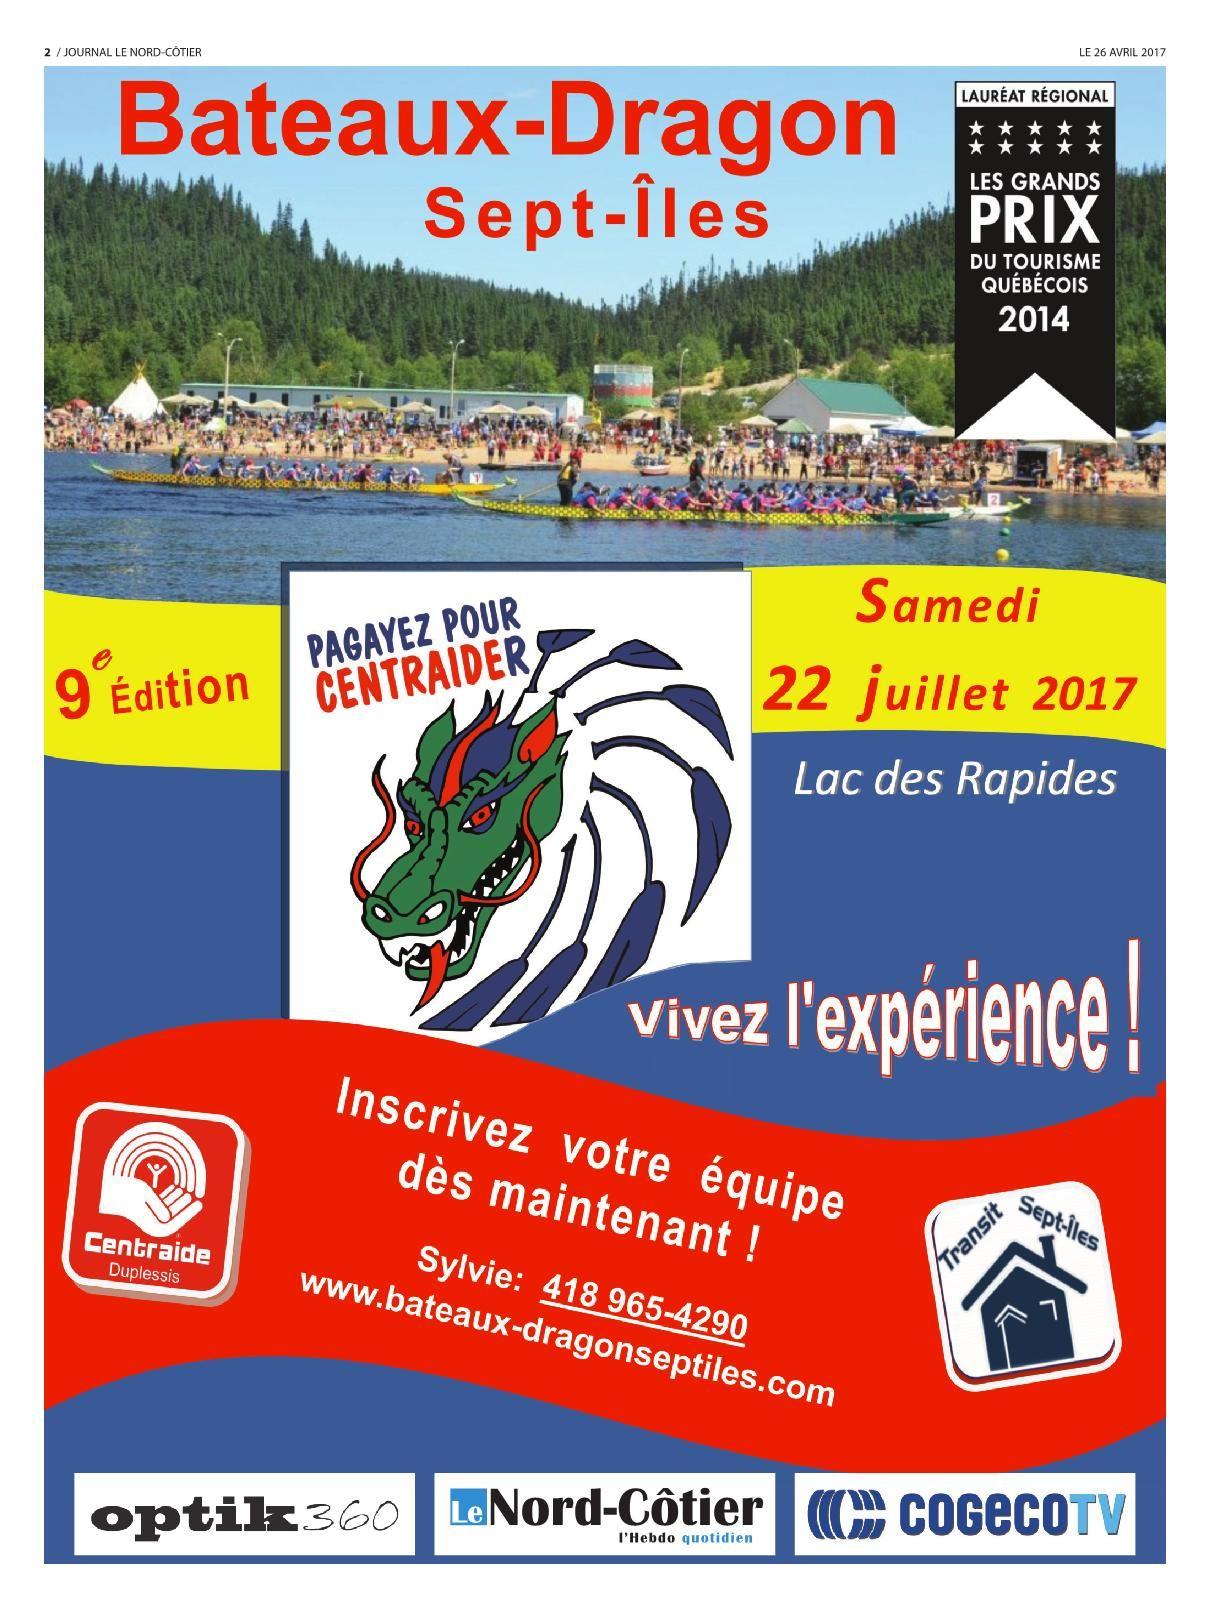 Carte Cadeau Leclerc Luxe Le nord Cotier 26 Avril 2017 Pages 1 48 Text Version Of 32 Nouveau Carte Cadeau Leclerc